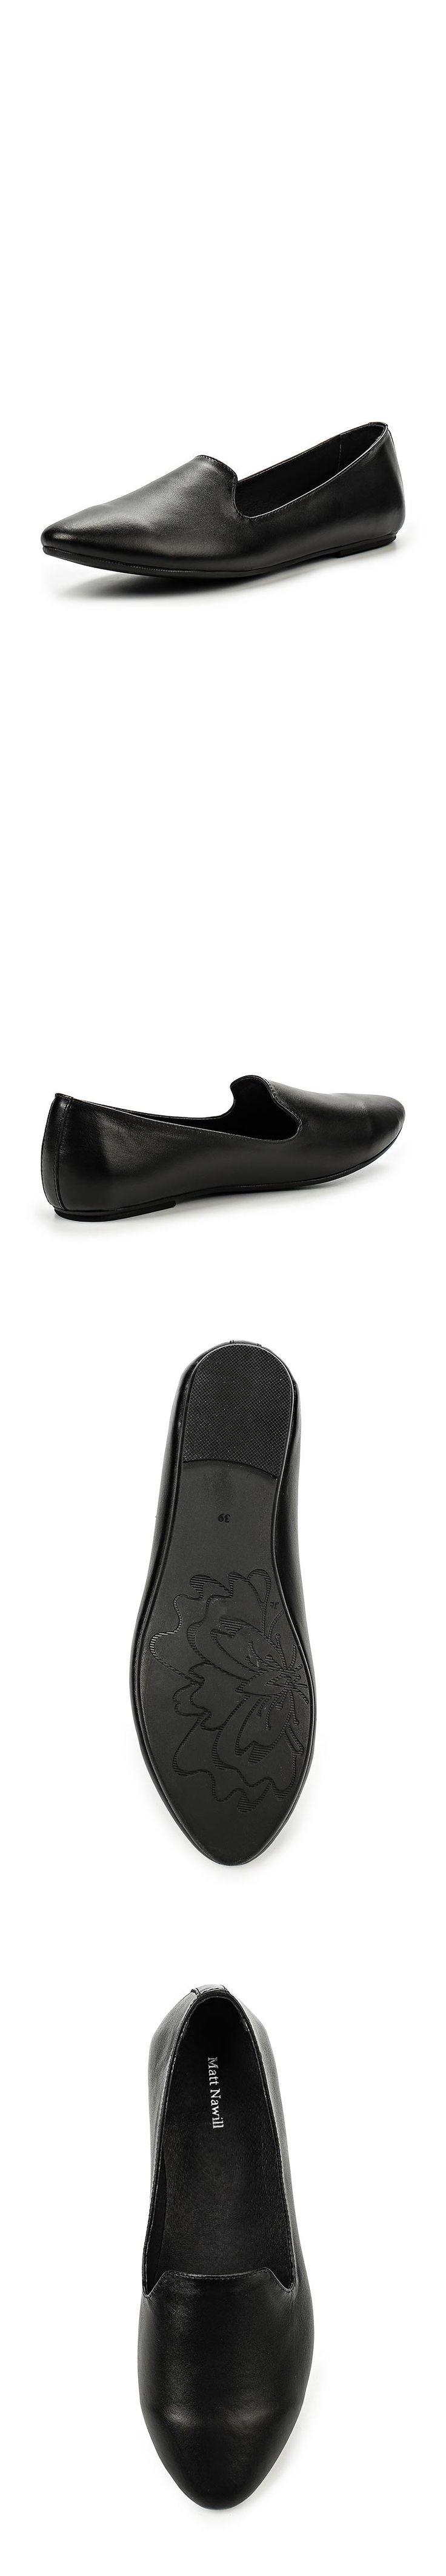 Женская обувь лоферы Matt Nawill за 3910.00 руб.